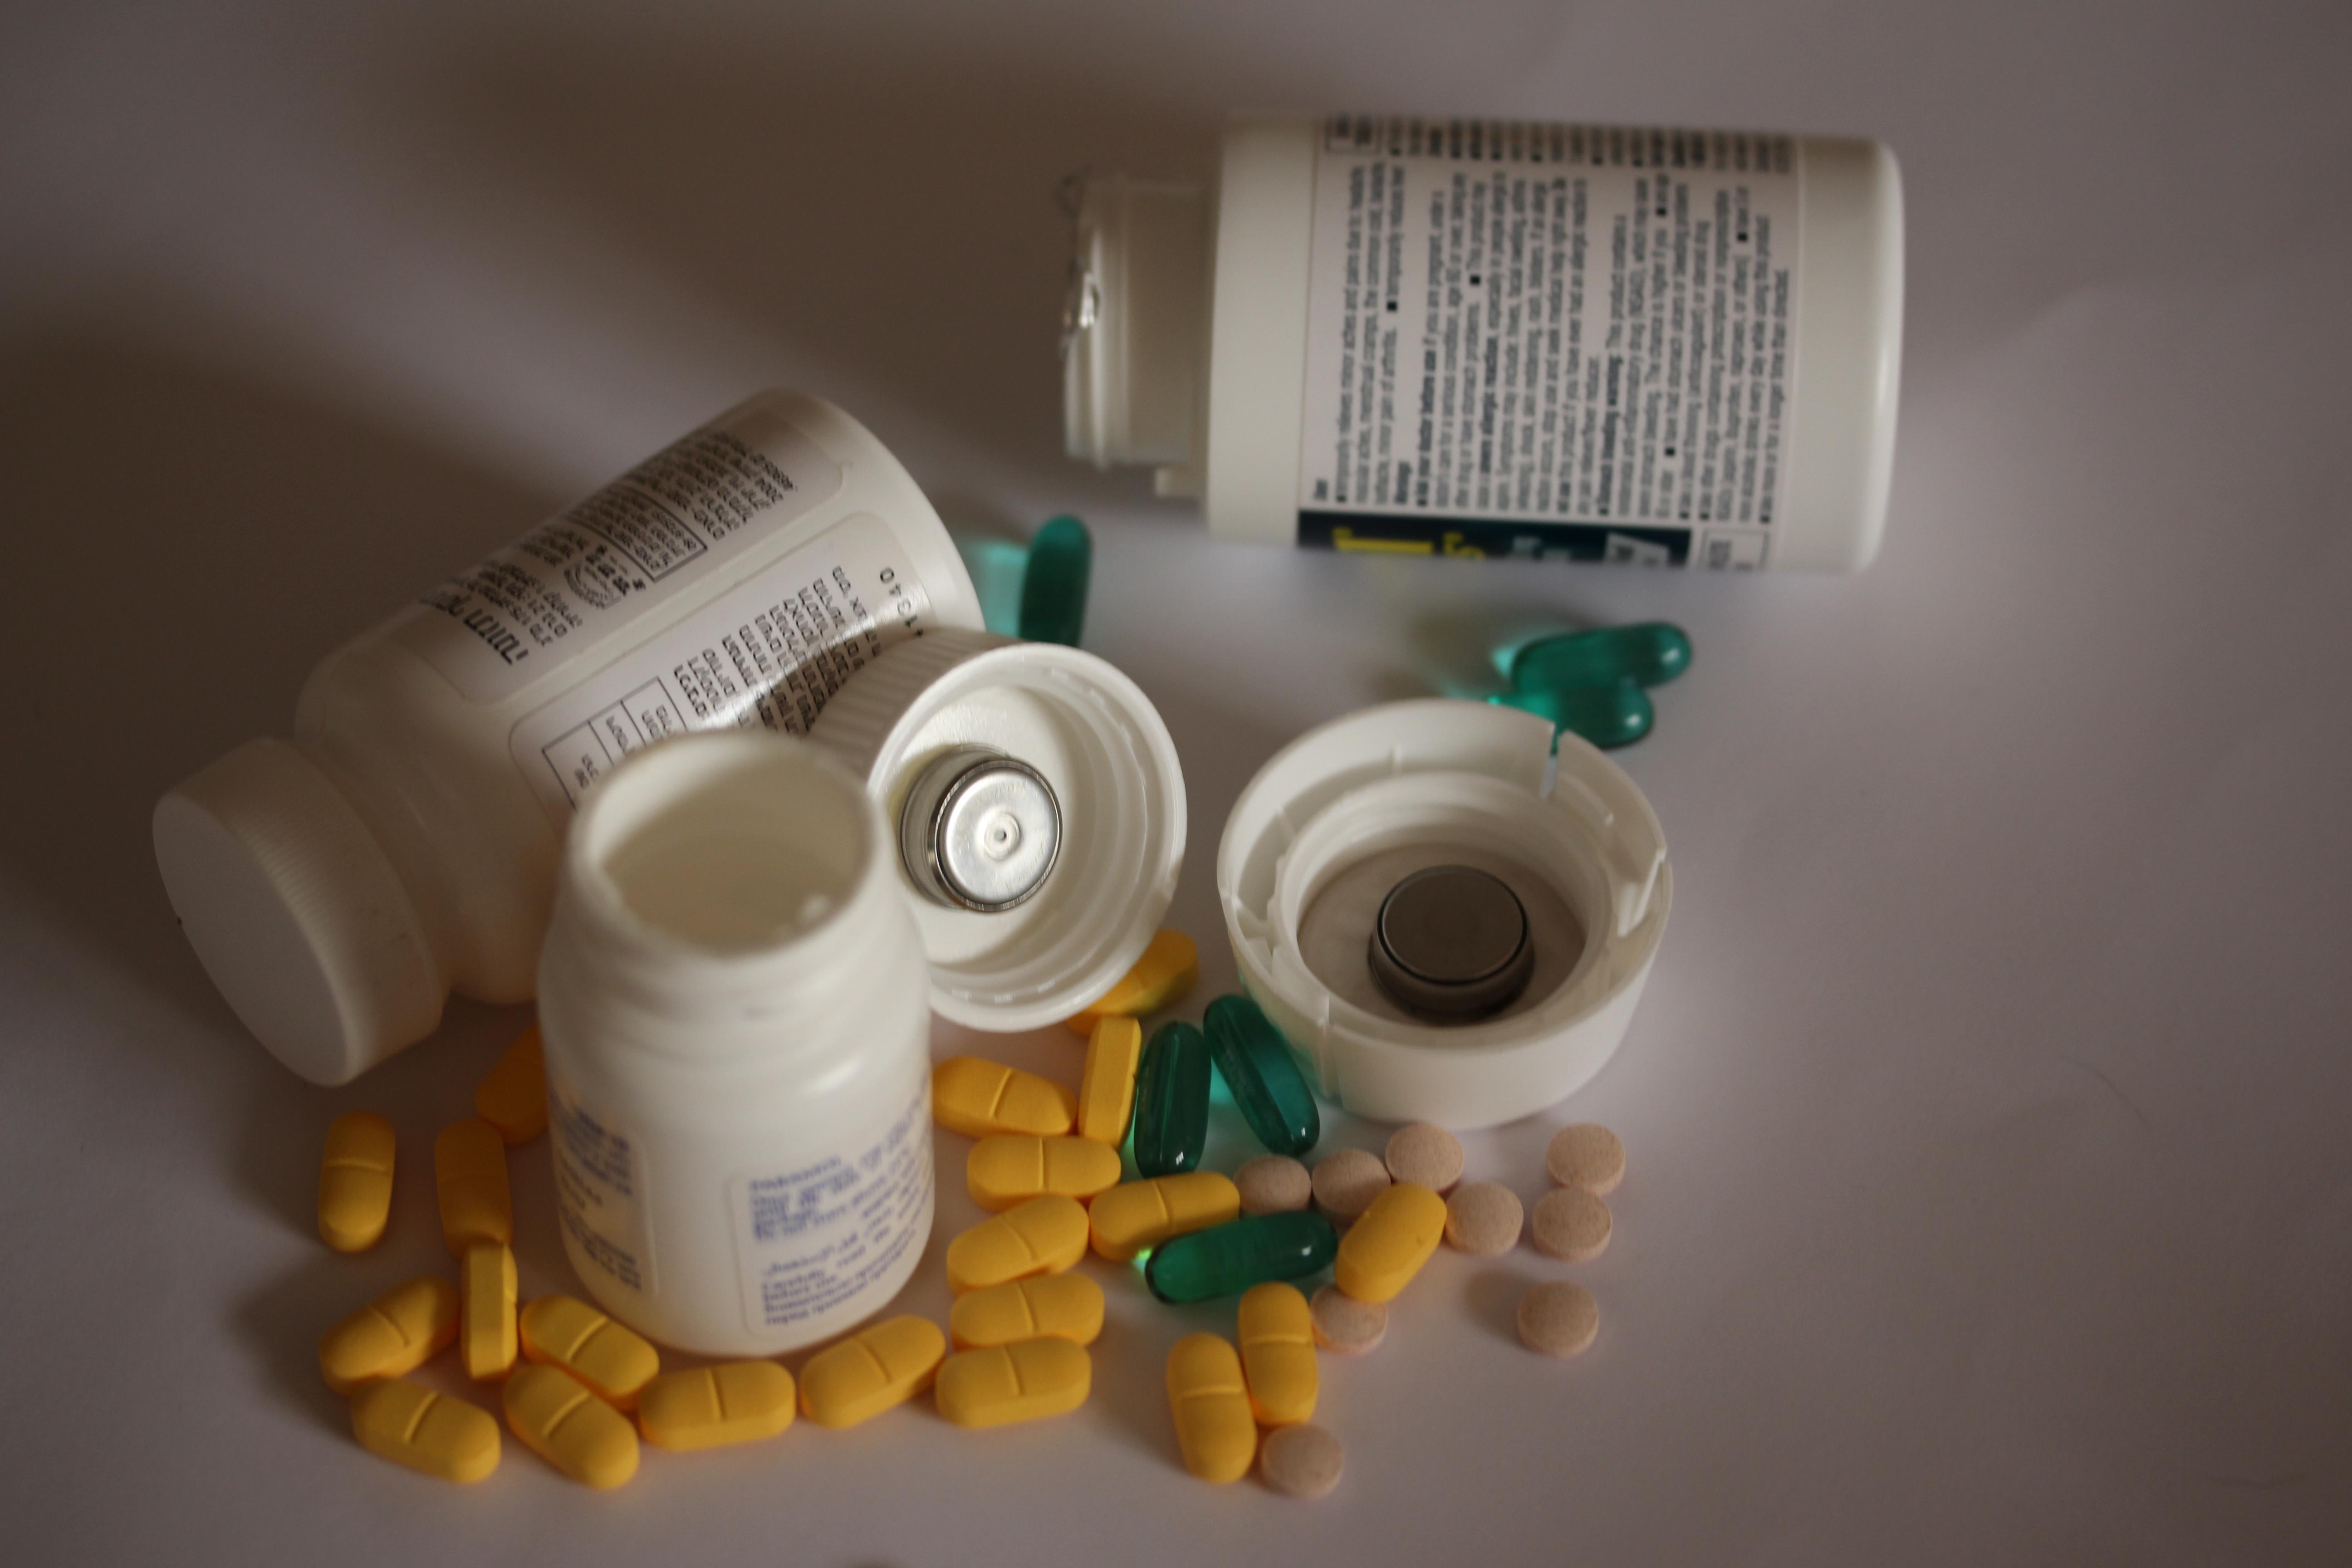 בקרת לחות  אחסון תרופות  .JPG